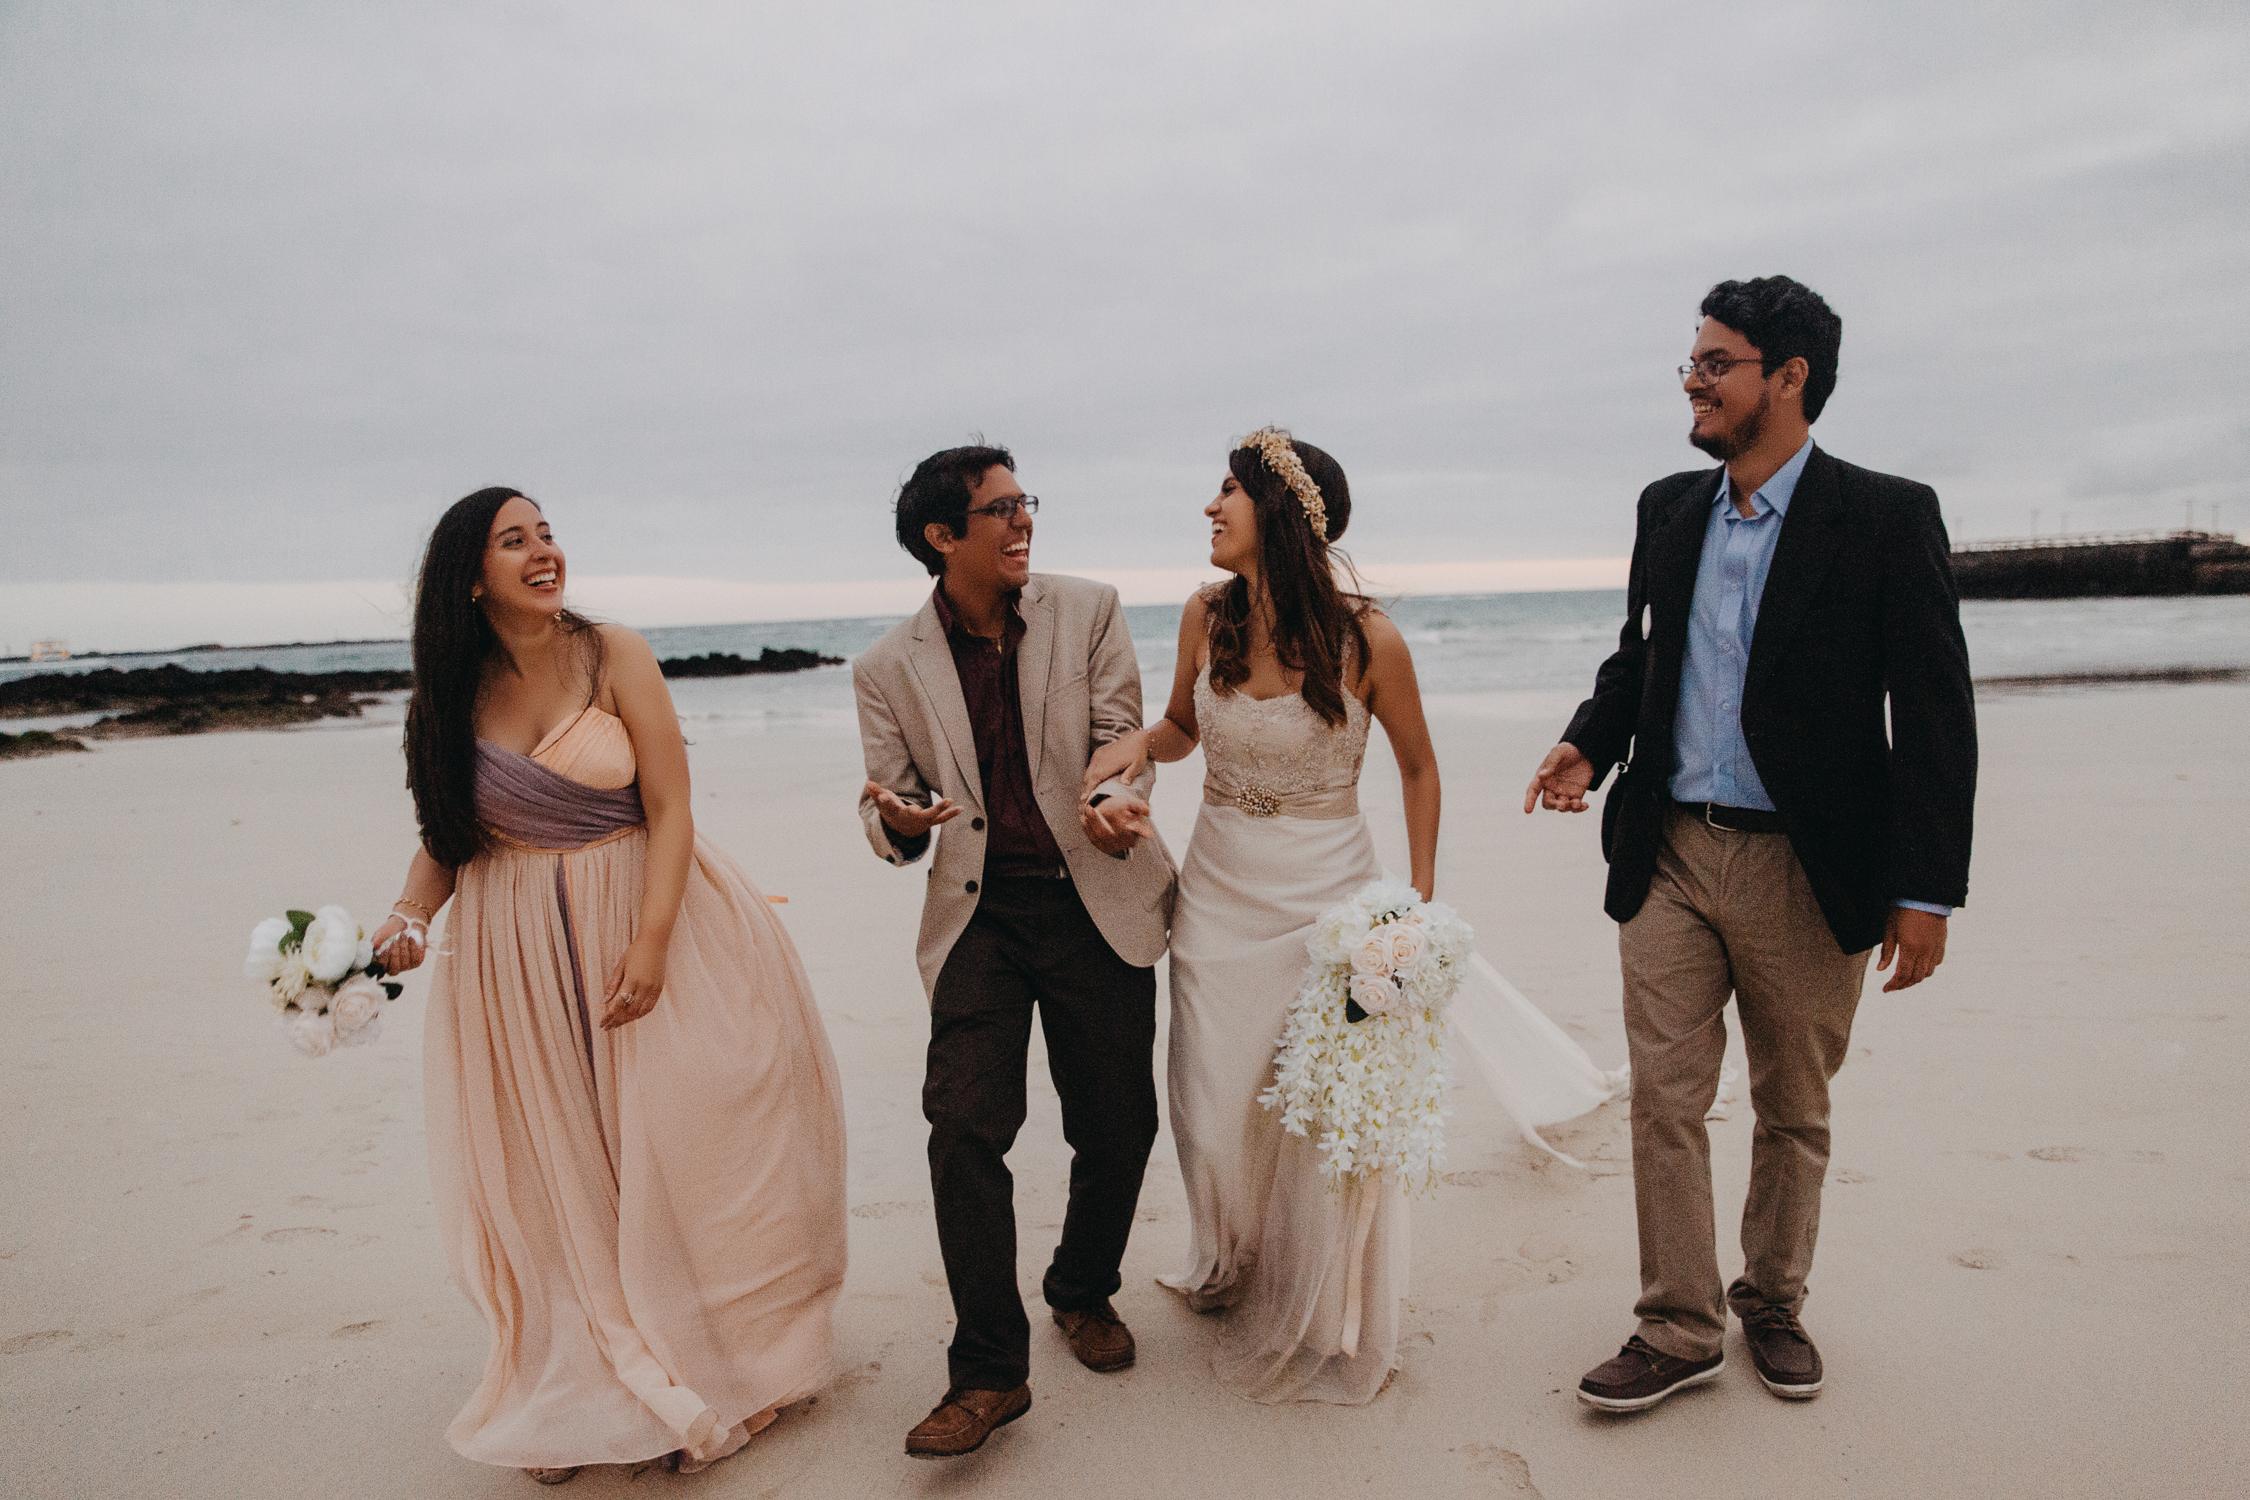 Michelle-Agurto-Fotografia-Bodas-Ecuador-Destination-Wedding-Photographer-Galapagos-Andrea-Joaquin-277.JPG